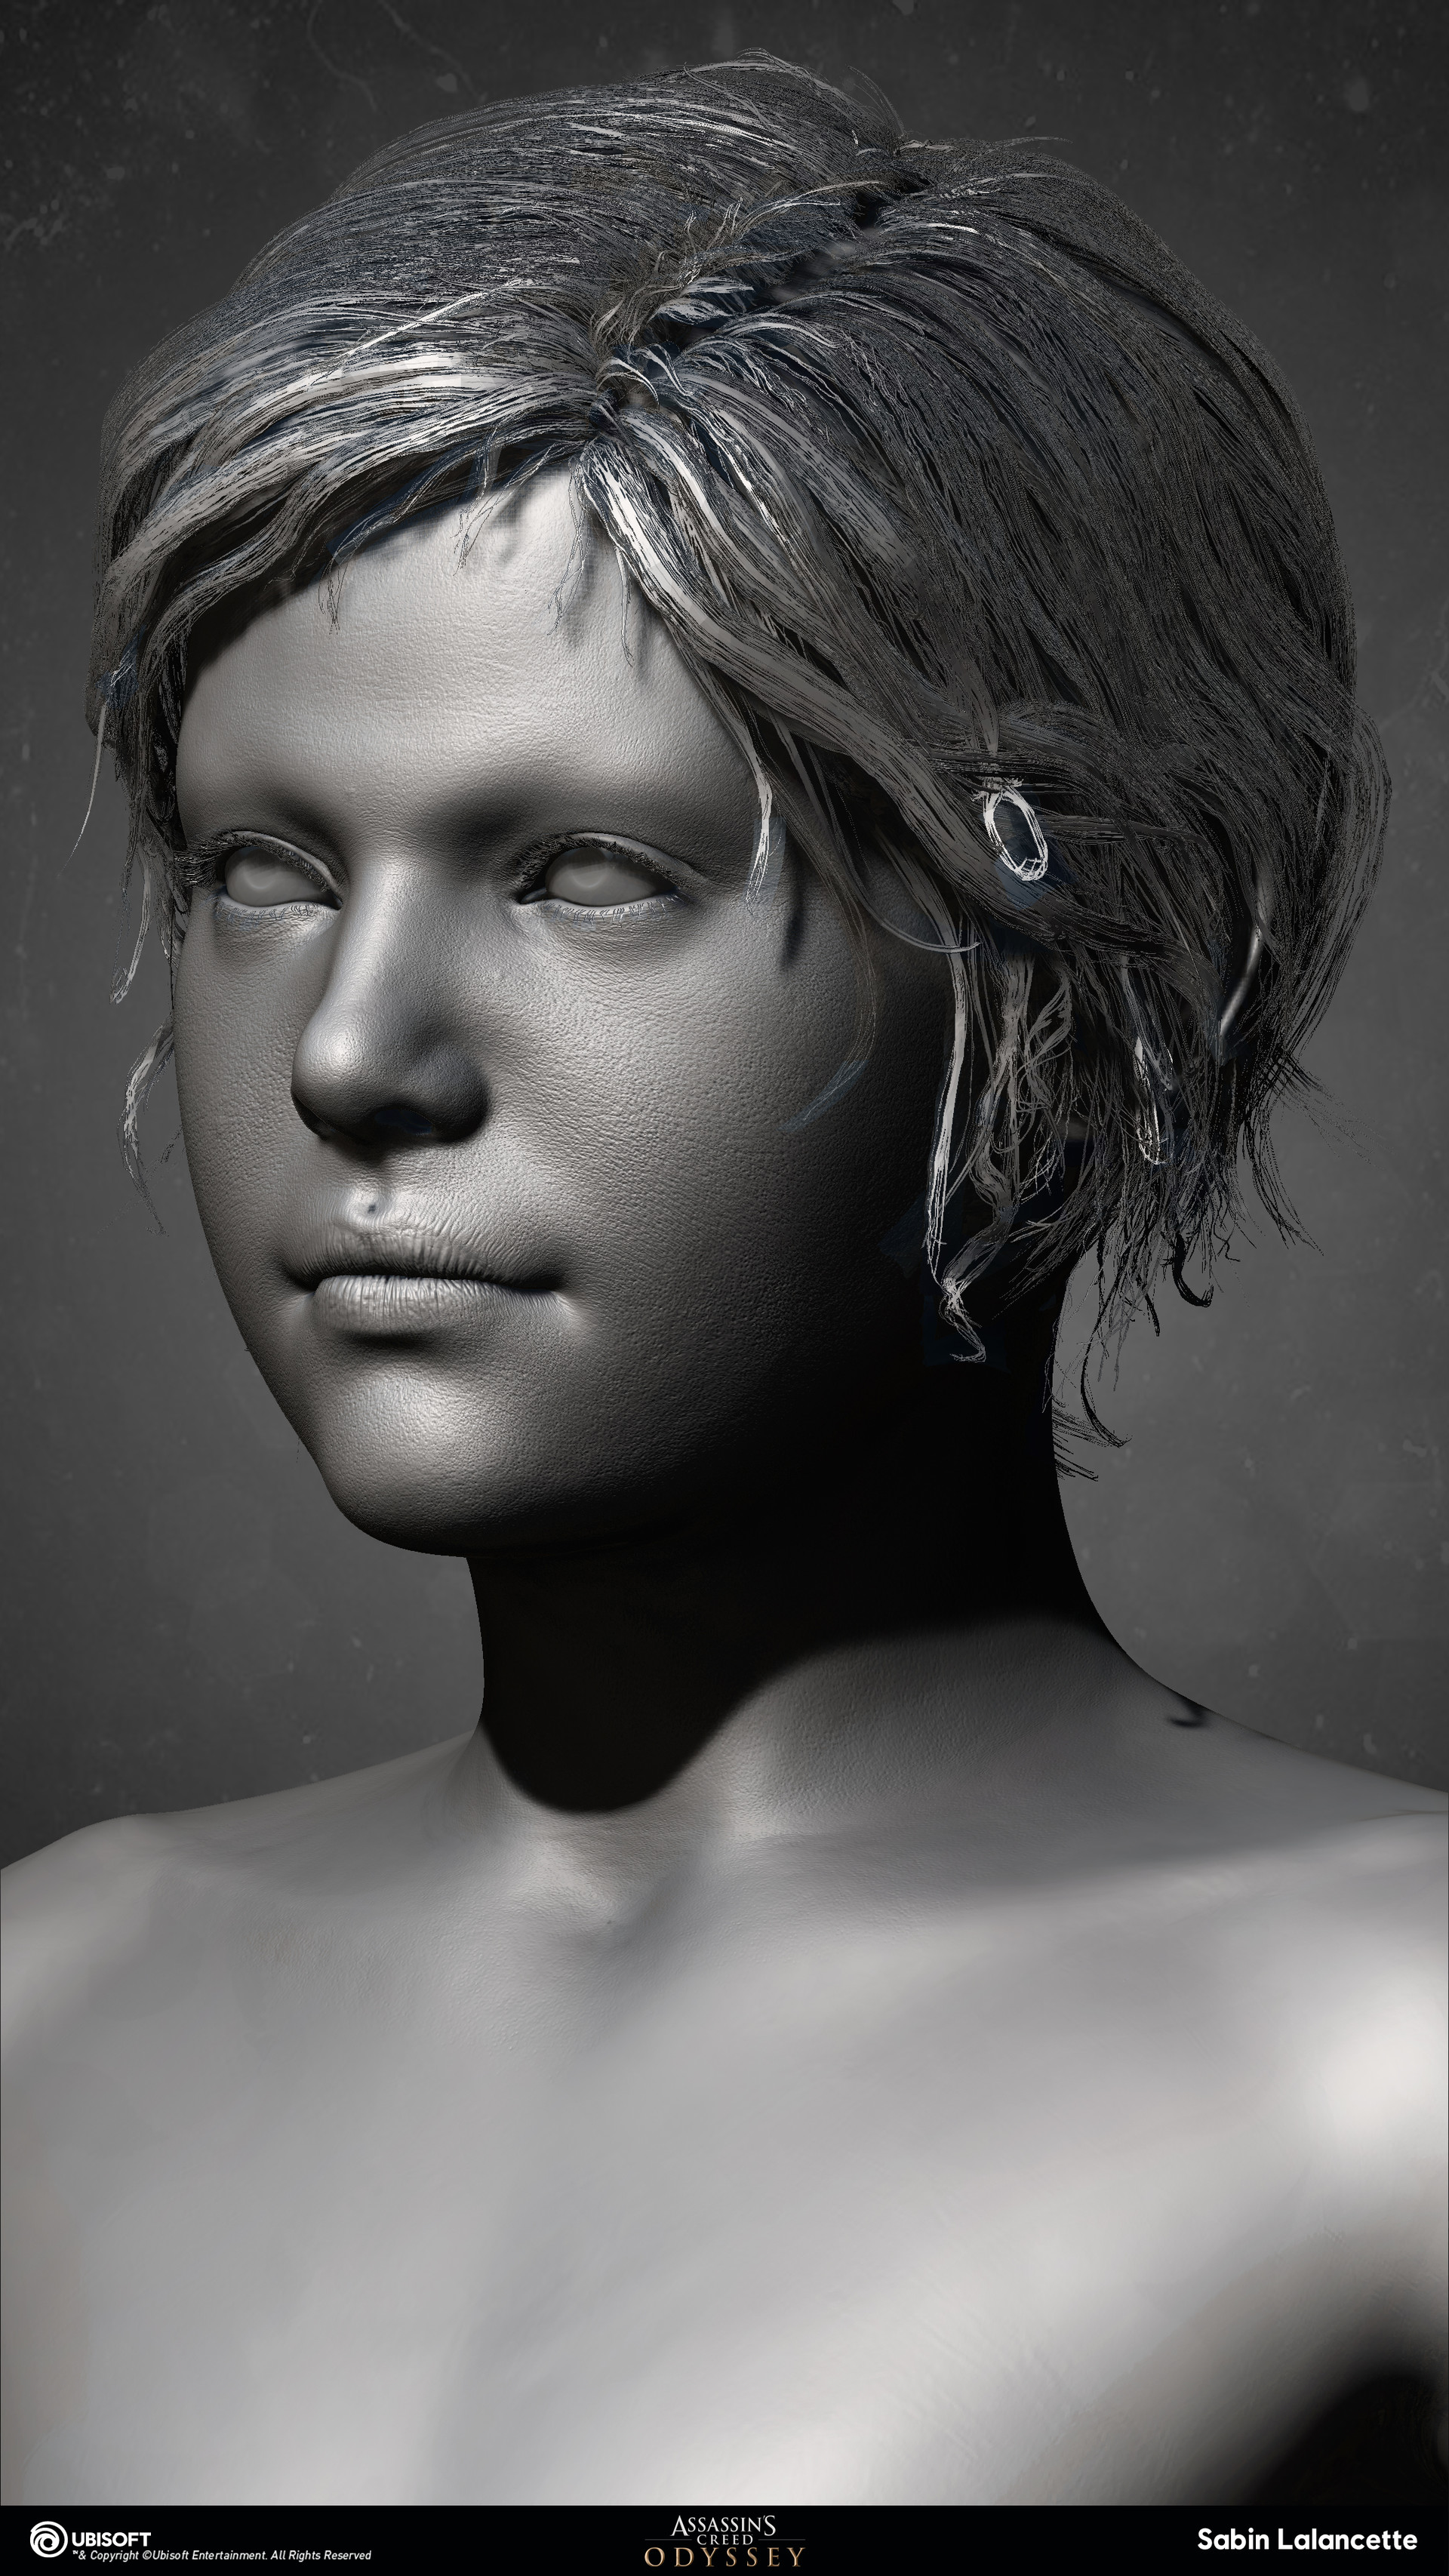 sabin-lalancette-artblast-fullsizezb-hex-portrait3quarter-young-kassandra-slalancette